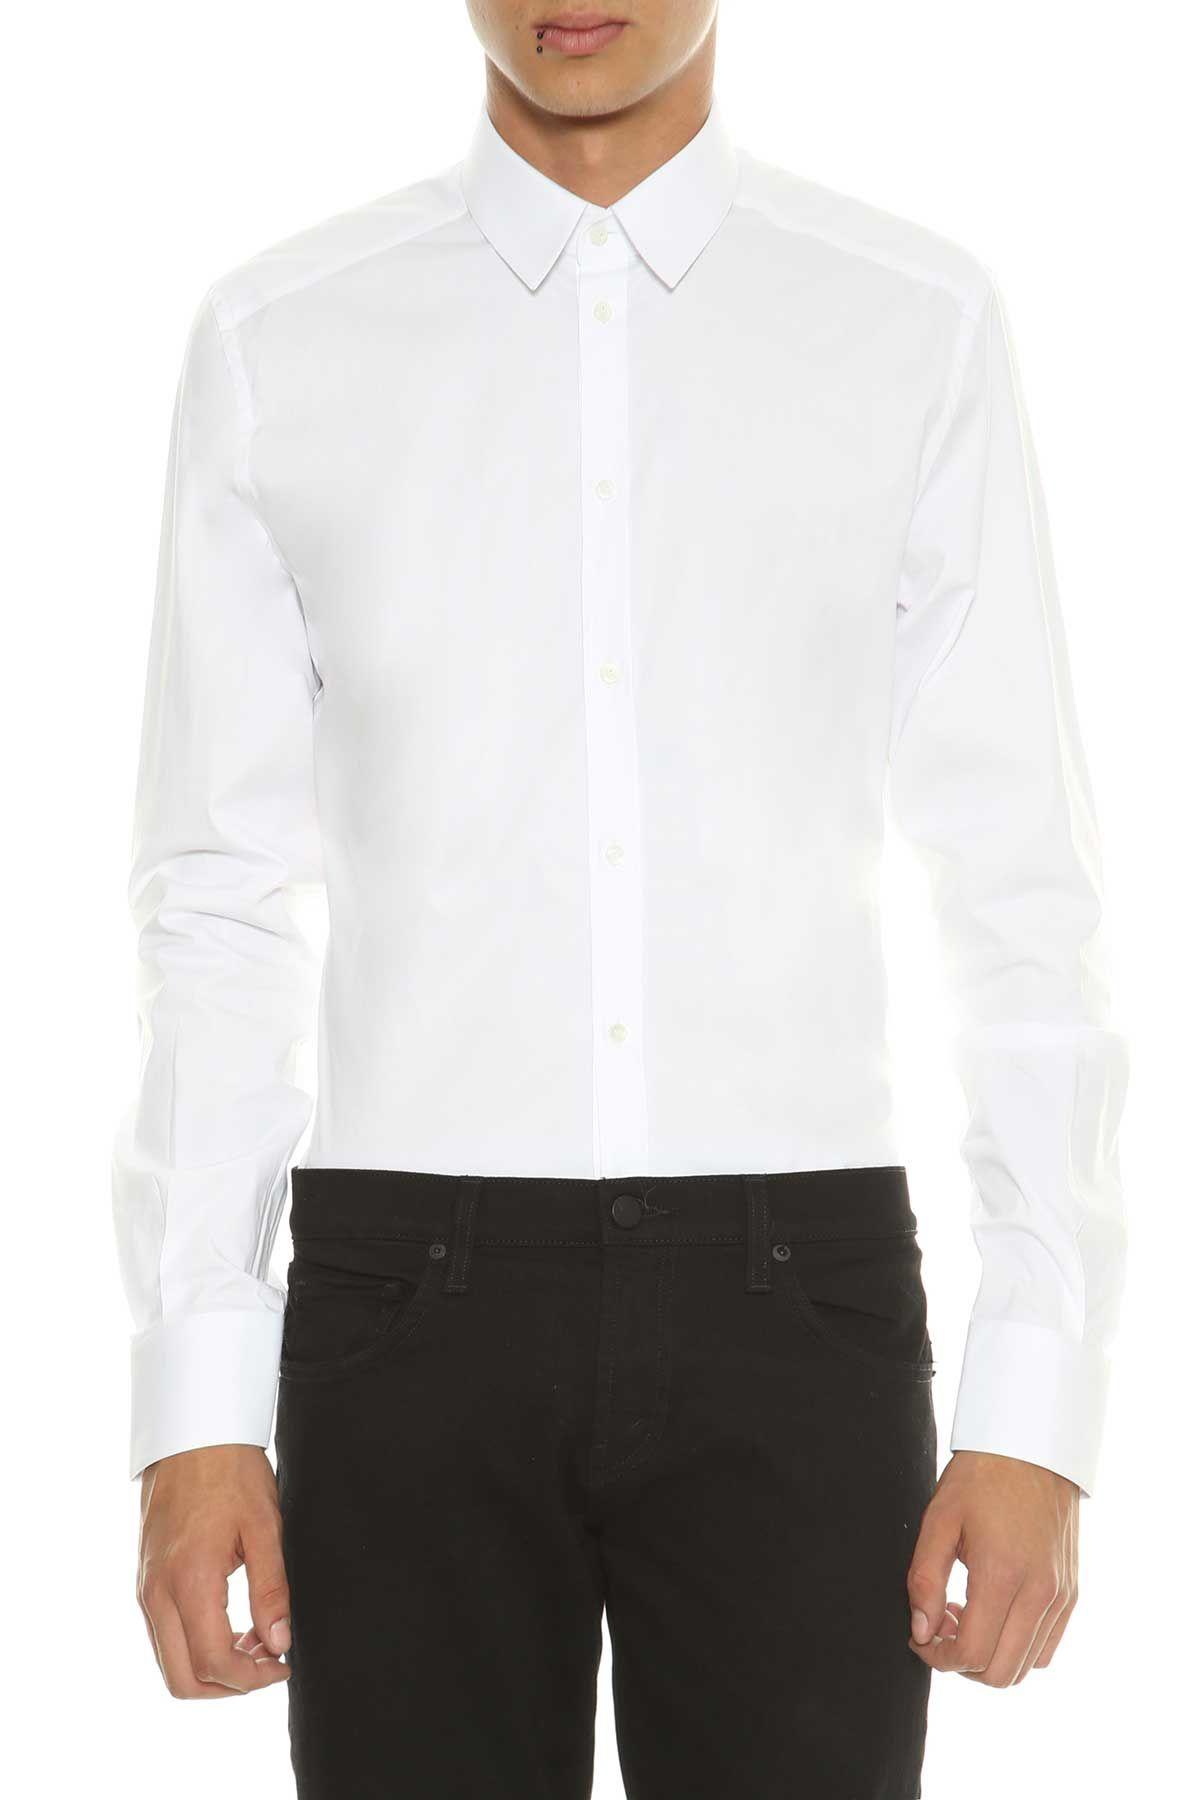 Dolce & Gabbana Dolce & Gabbana White Shirt